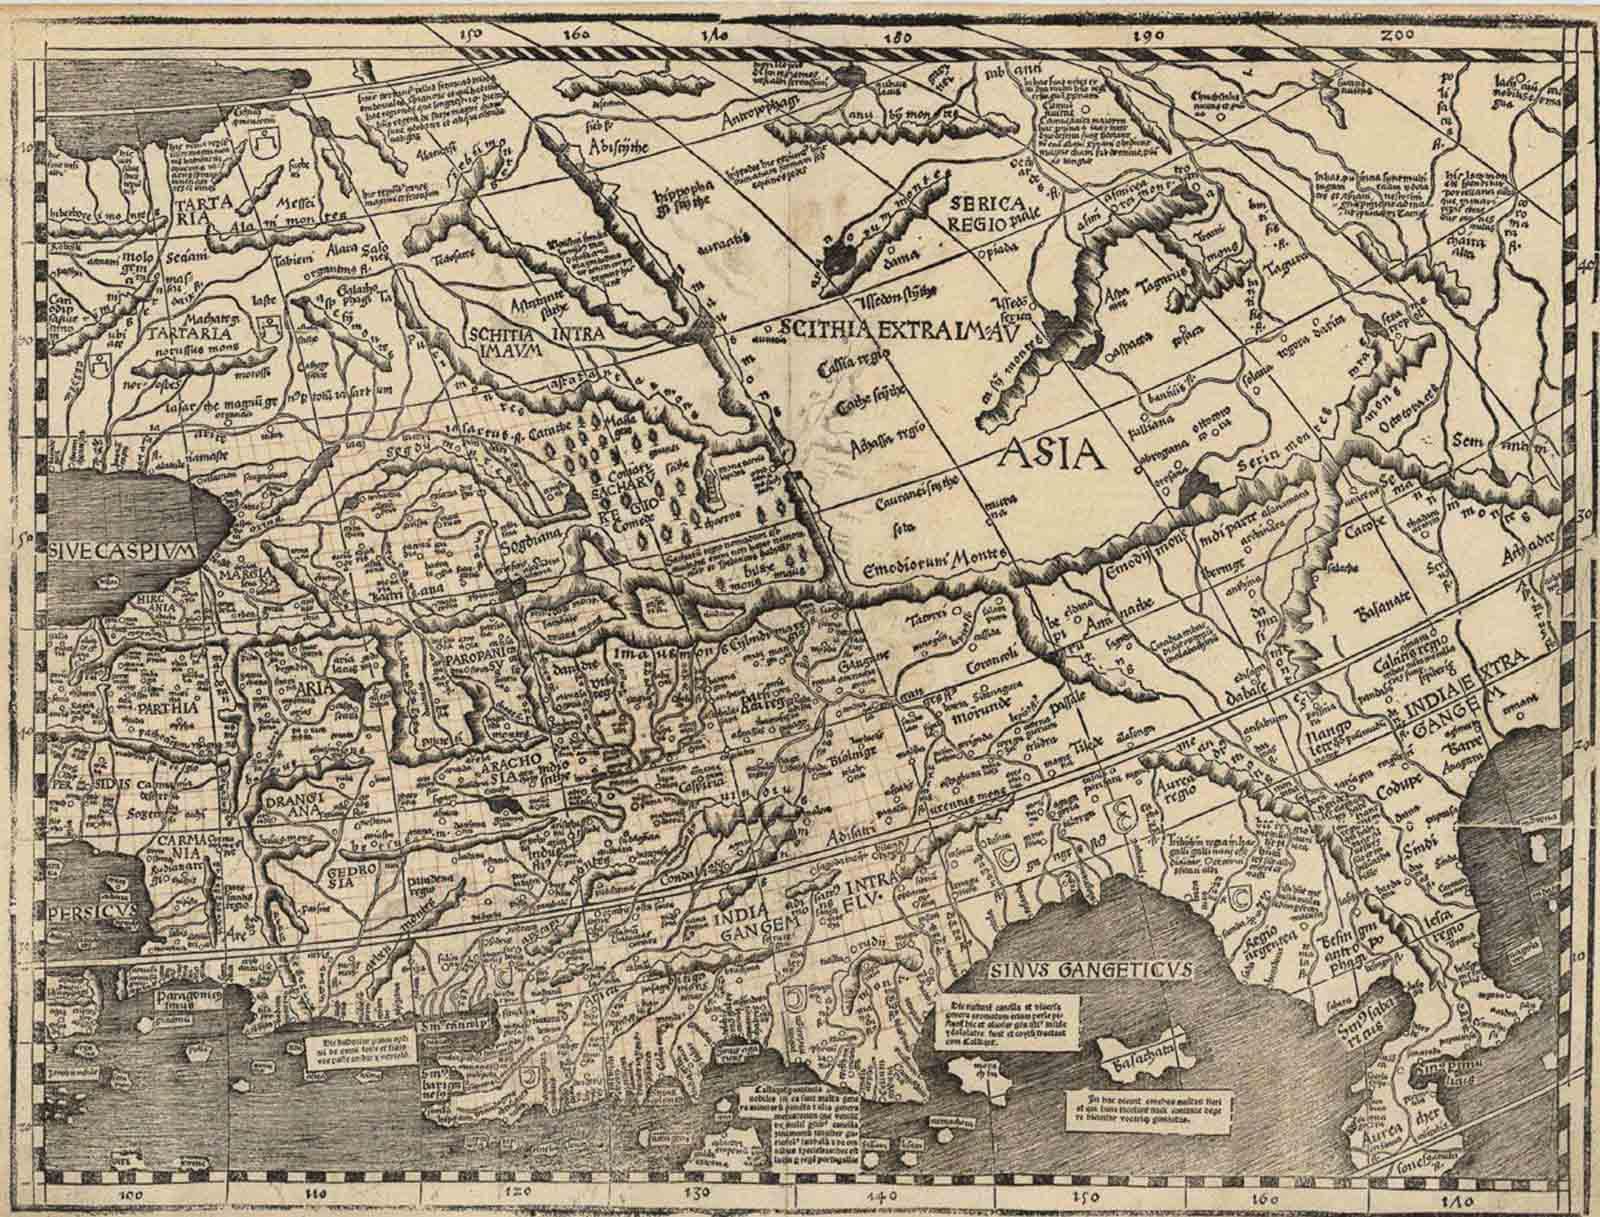 La carte de Waldseemüller qui a introduit le mot Amérique dans le monde, 1509